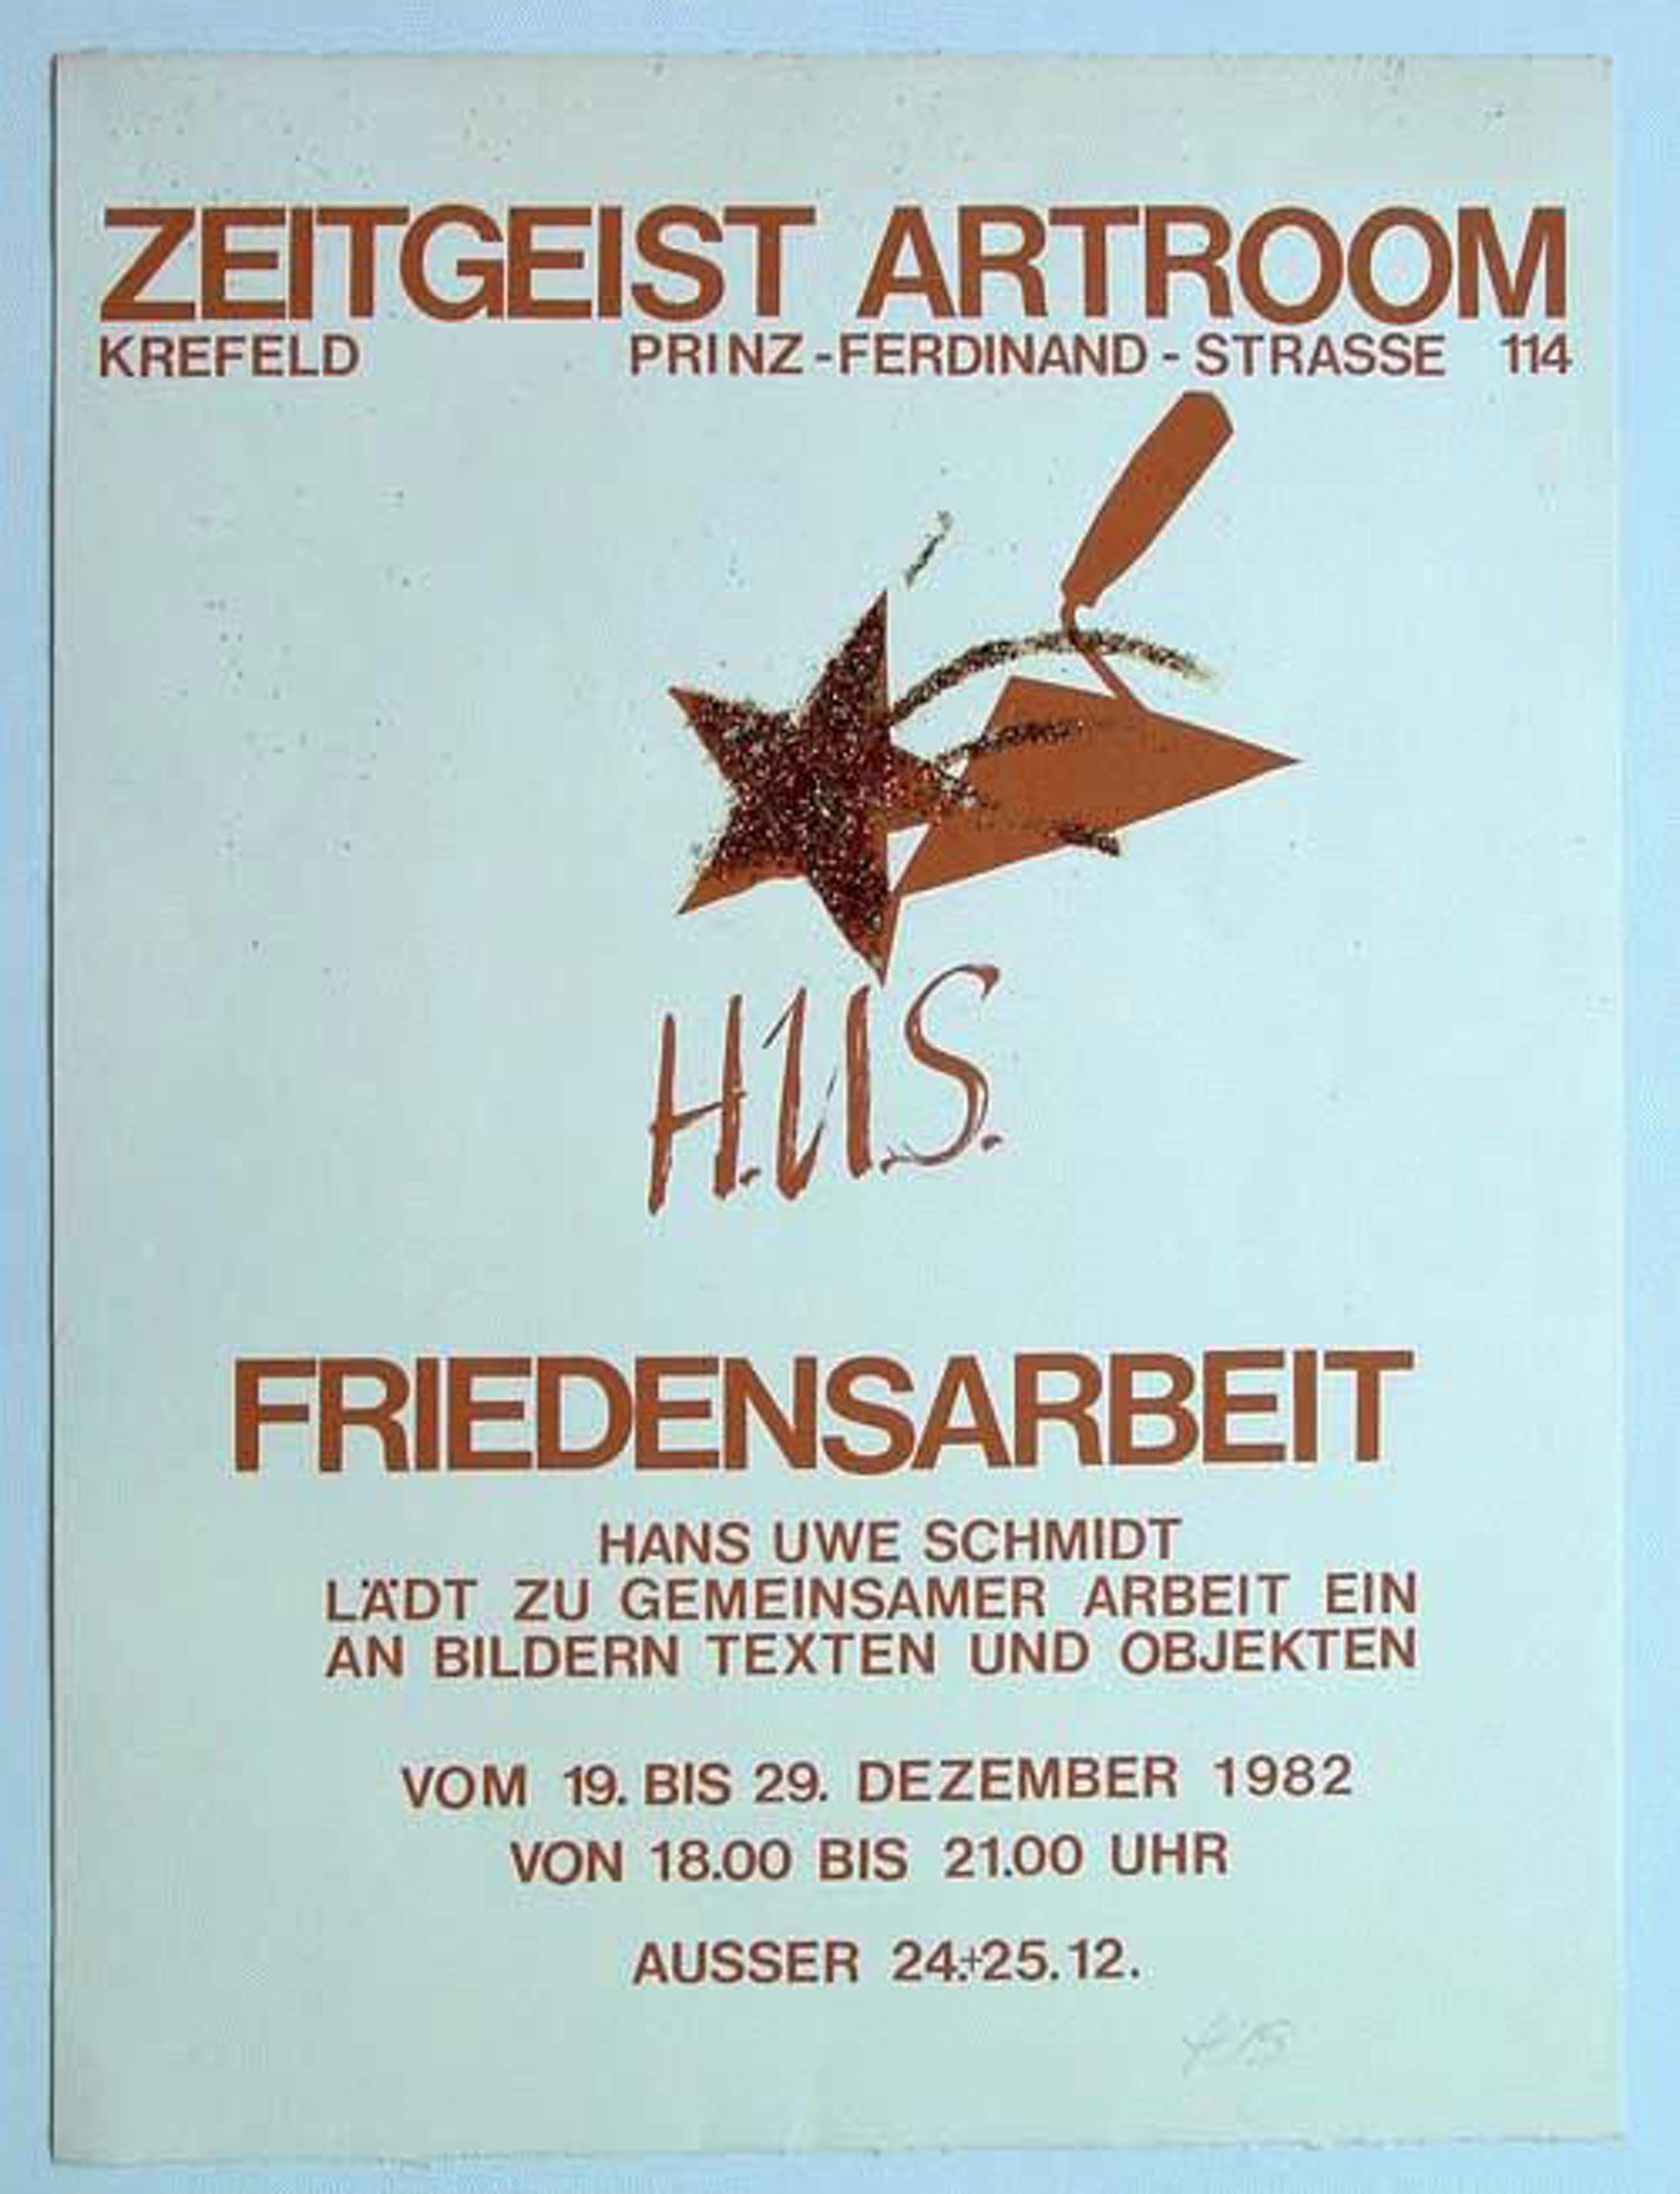 Hans Uwe Schmidt - - Friedensarbeit Zeitgeist Artroom - Lithografie und Glassplitter auf Bütten, handmonogrammiert kopen? Bied vanaf 90!